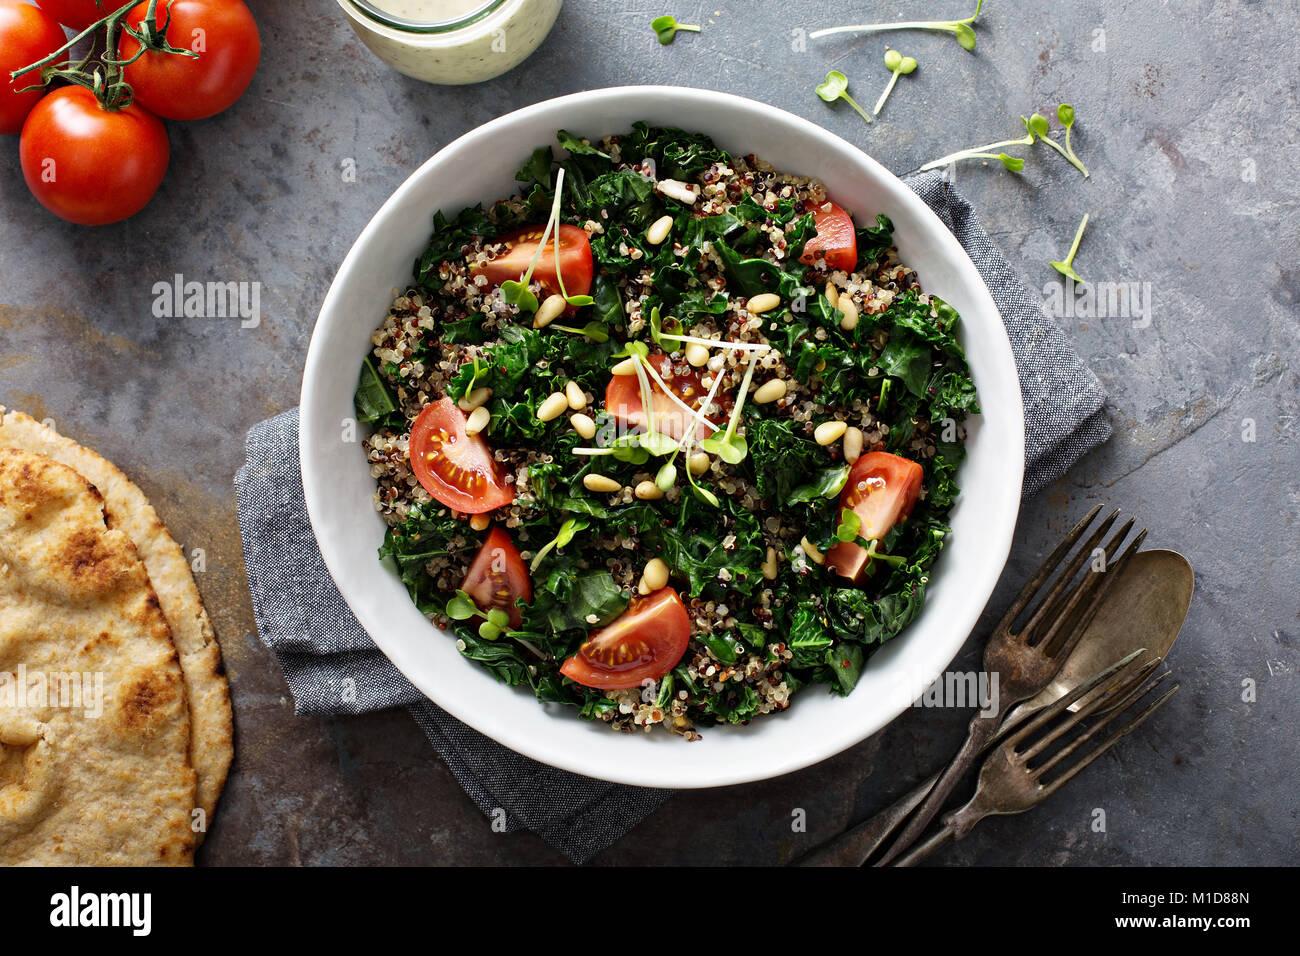 Cavoli rapa e quinoa con insalata di pomodori Immagini Stock